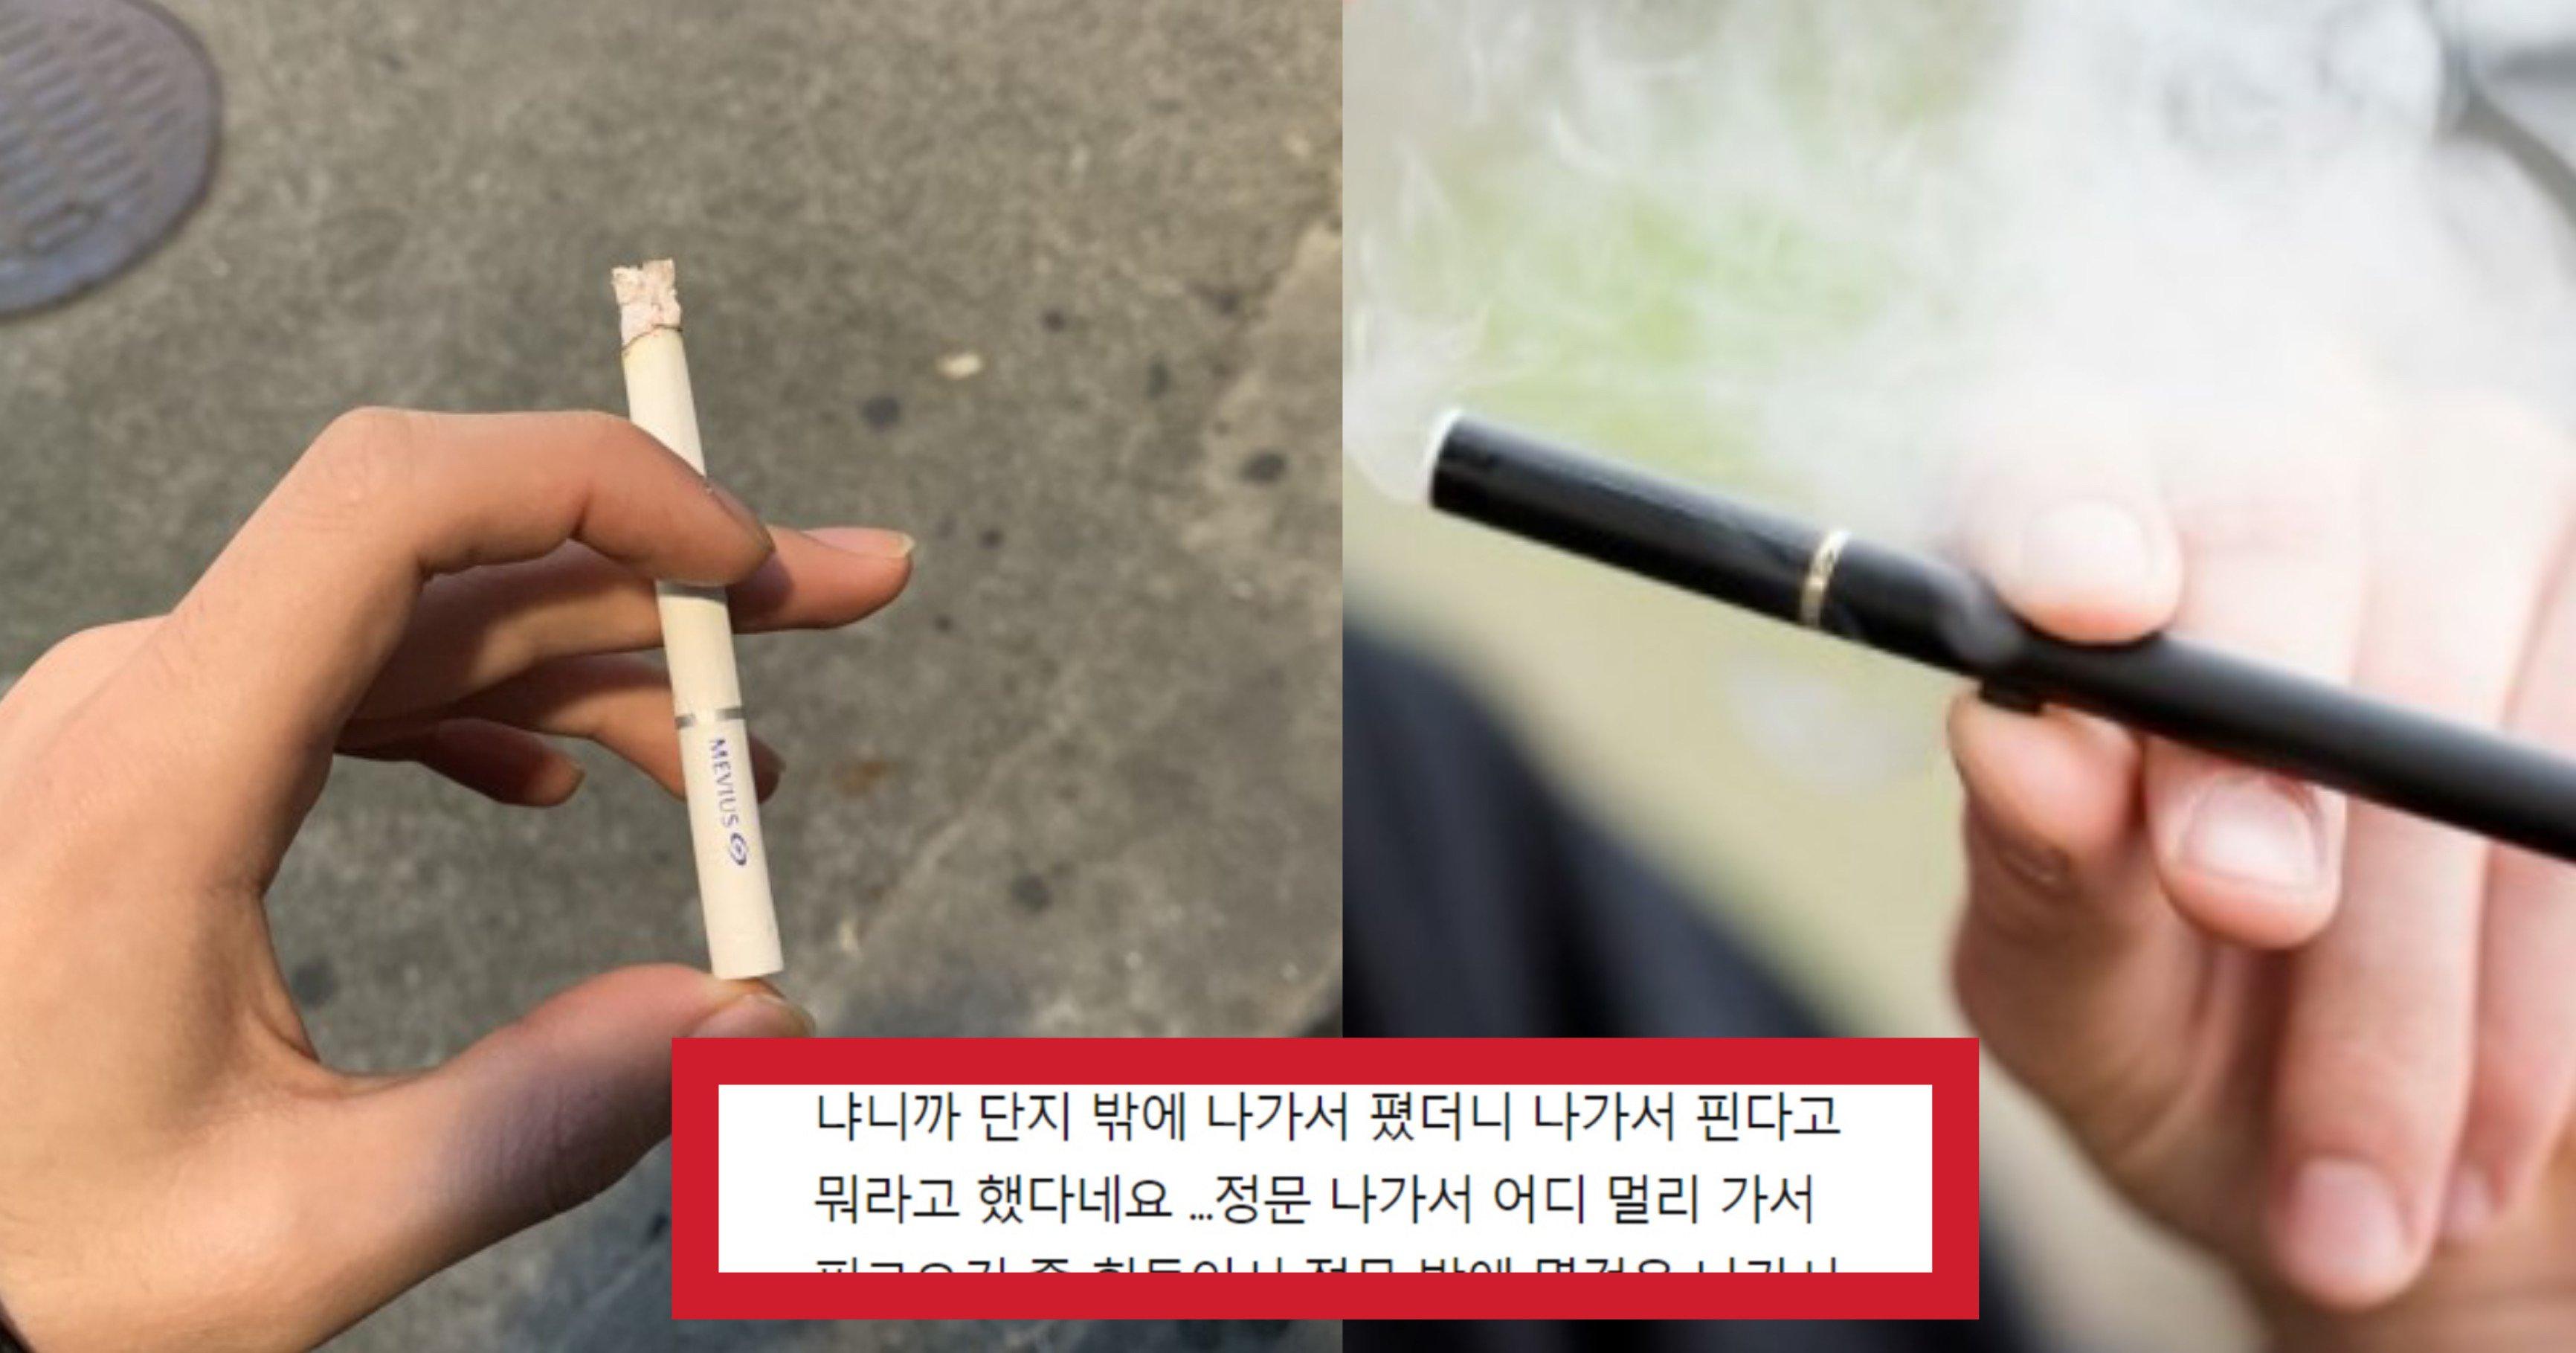 """7bb03969 fc27 48e7 9d84 d7dbbb45177c.jpeg?resize=412,275 - """"아파트 흡연은 어디서 해야하나요 제 집인데 제 마음대로 담배도 못피우나요?"""""""